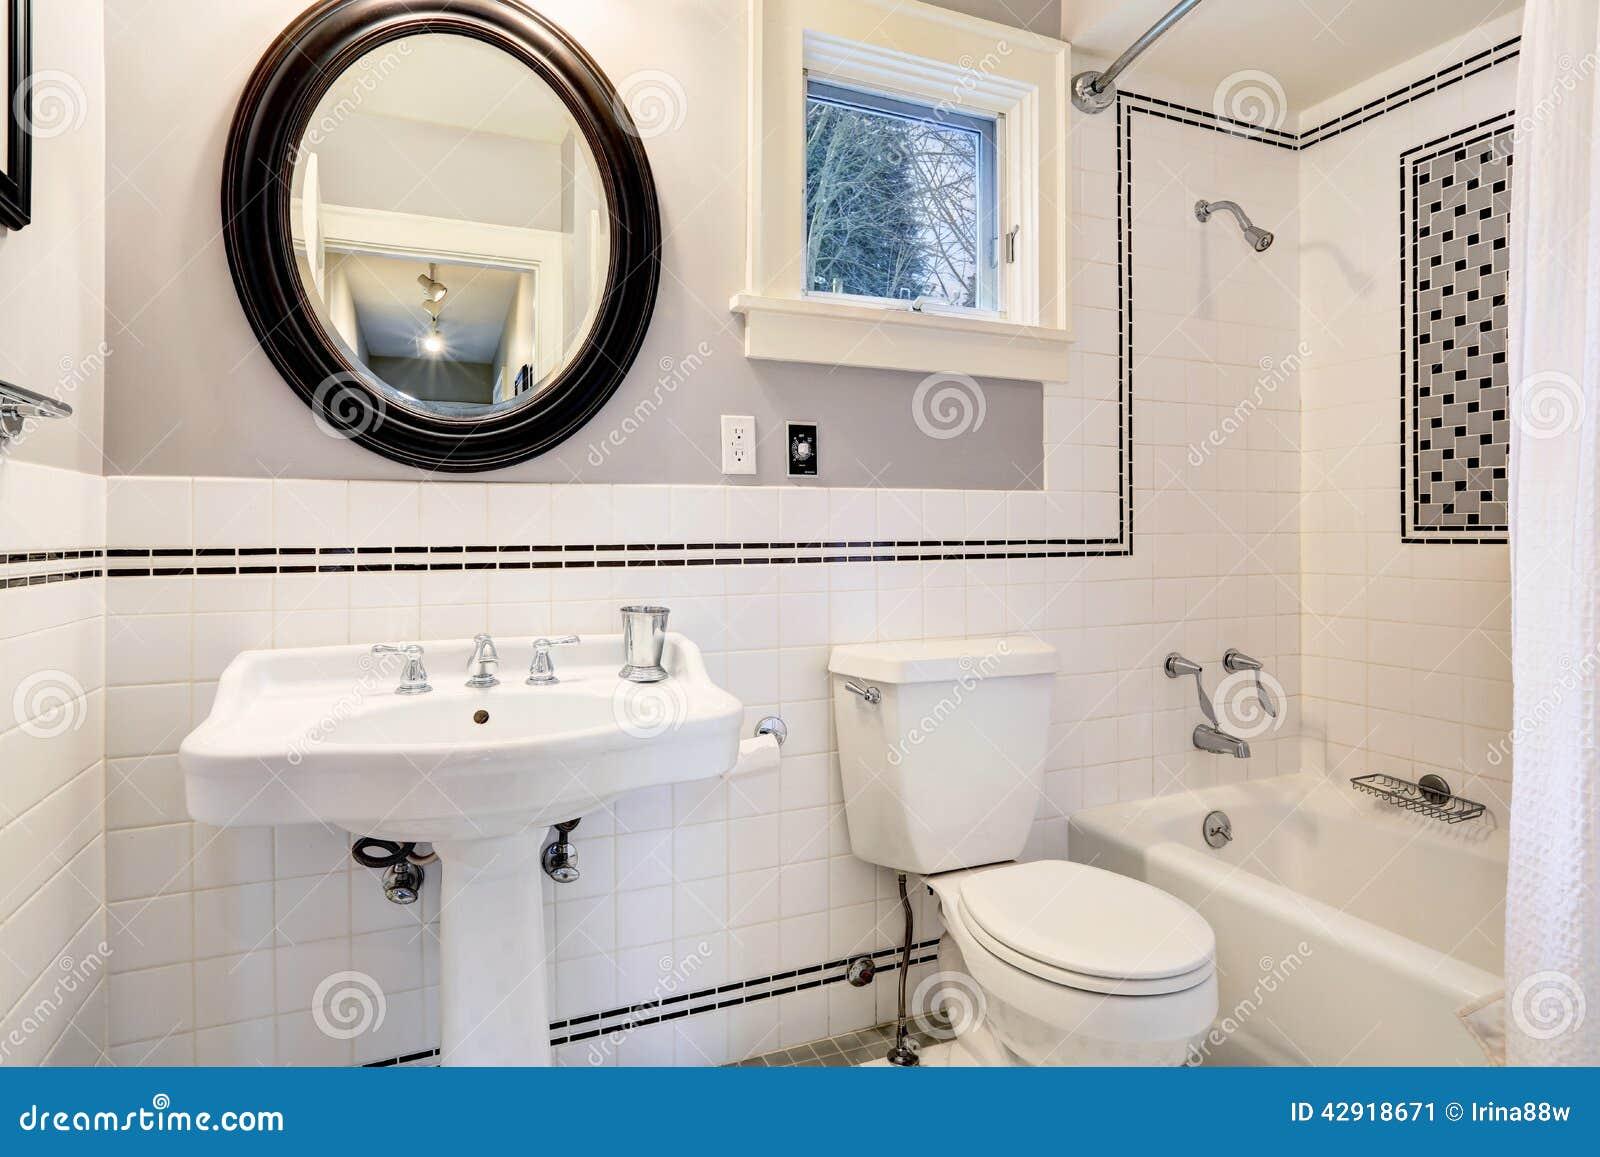 Pannelli per coprire piastrelle bagno wedi it training bagno con pannello alternativa a - Pannelli copri piastrelle bagno ...